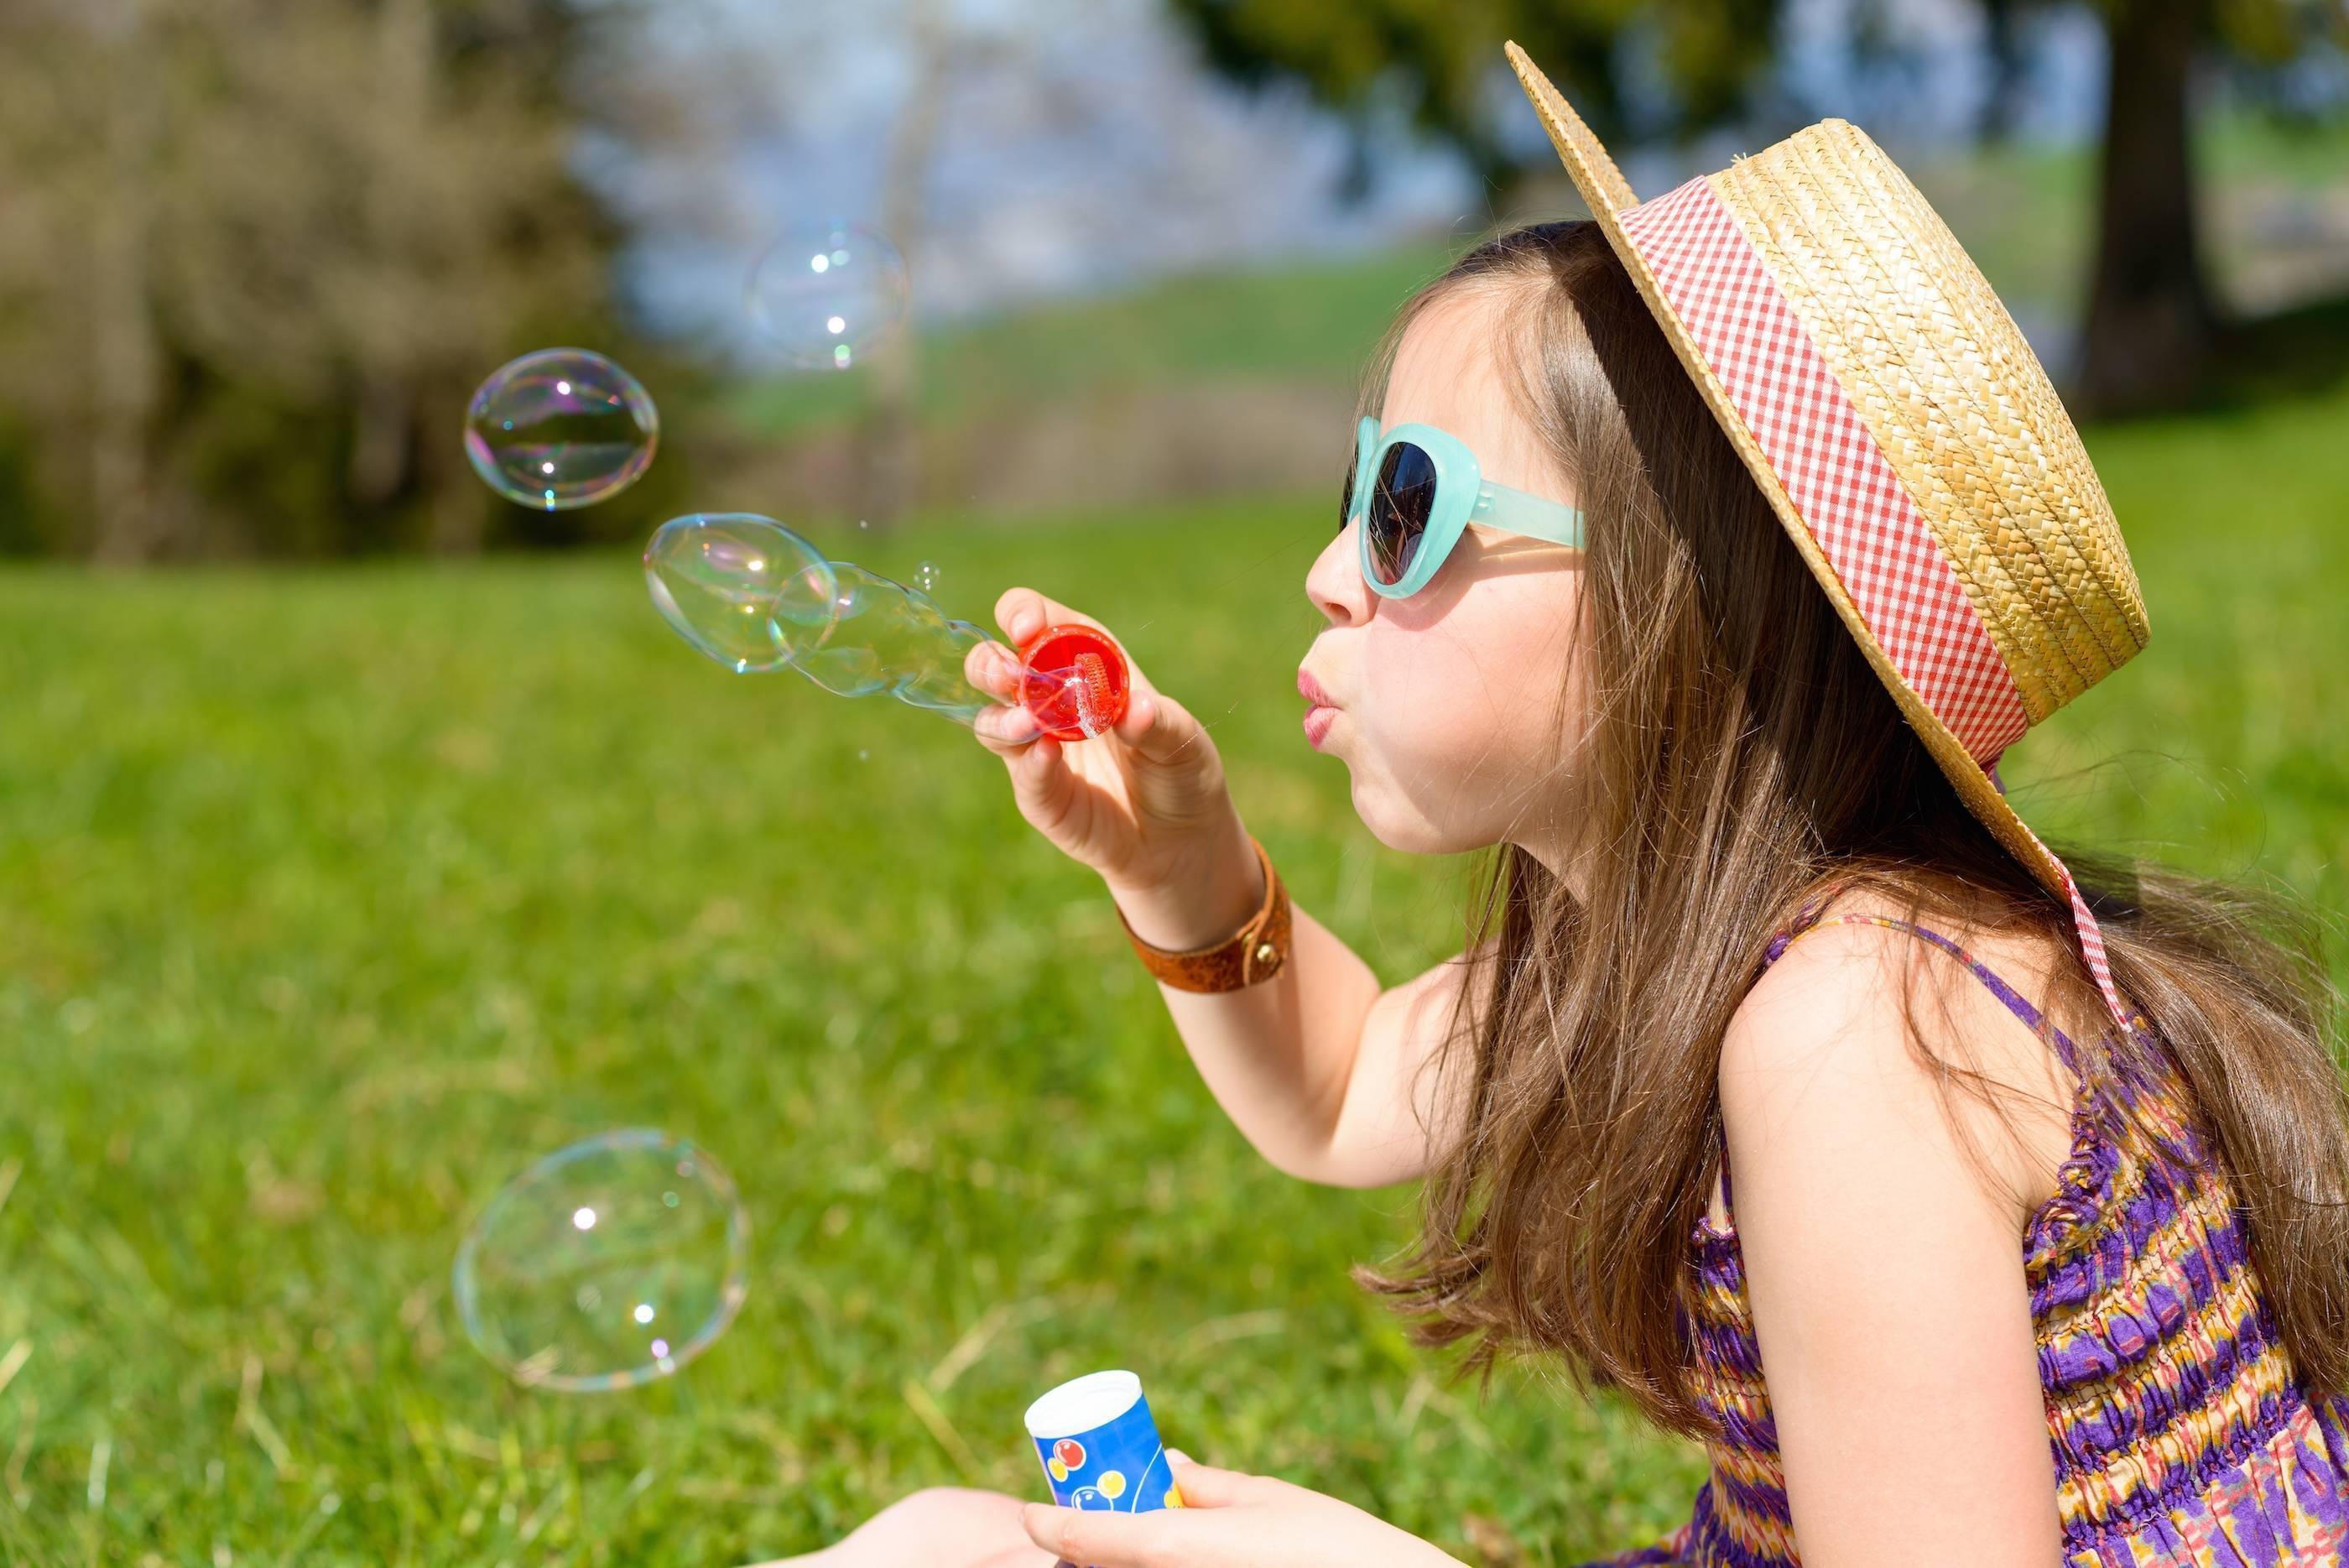 caaba9570e5af07bd8a1_f0ac32db6baf566bac4d_Summer_Bubbles.jpg